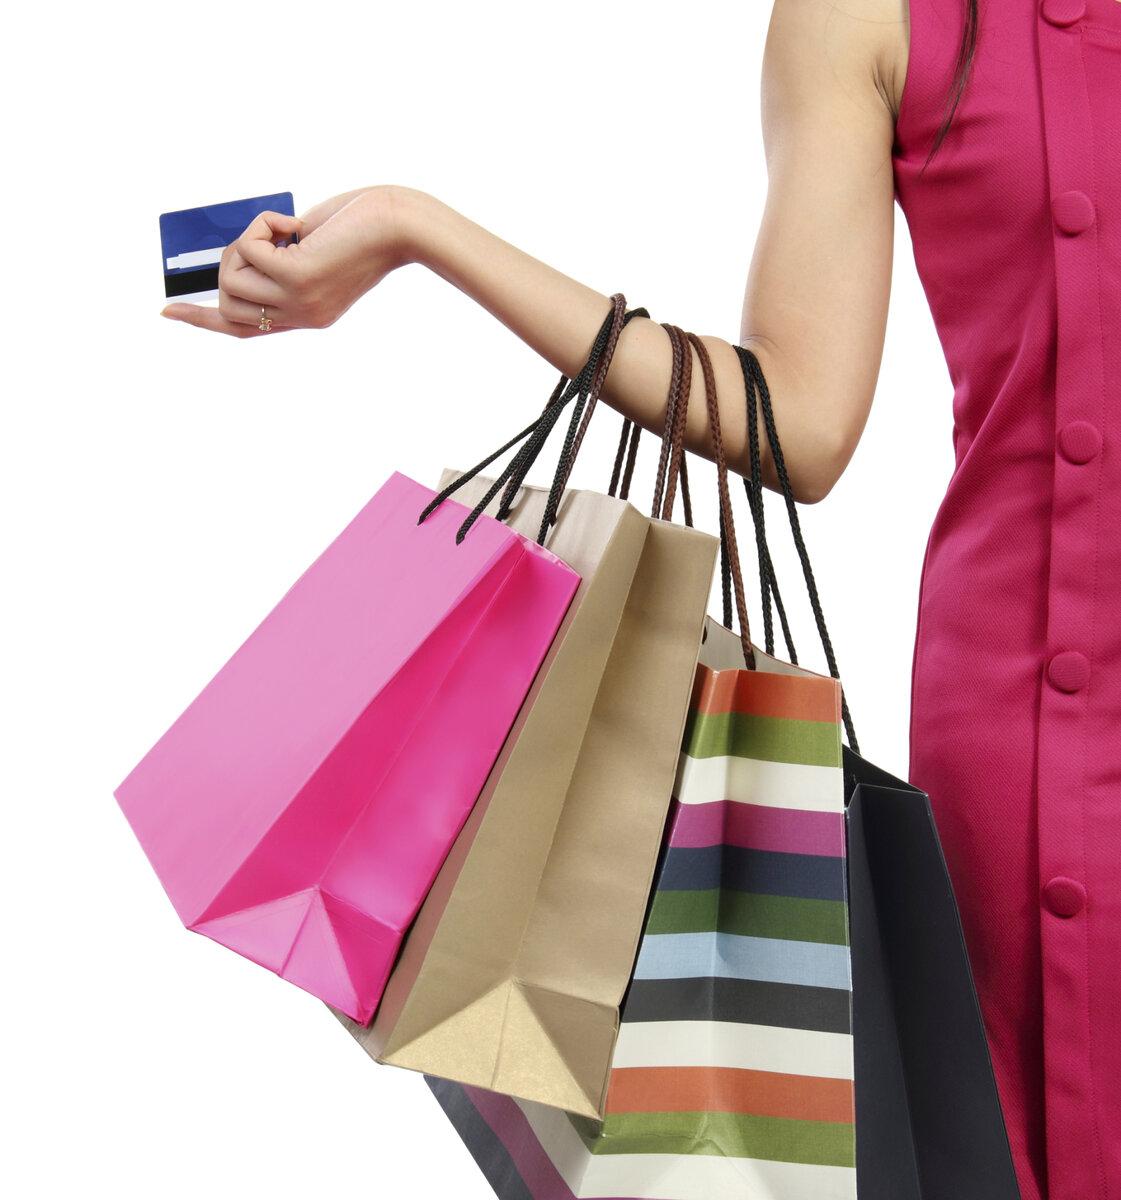 картинки для торговли одеждой через интернет